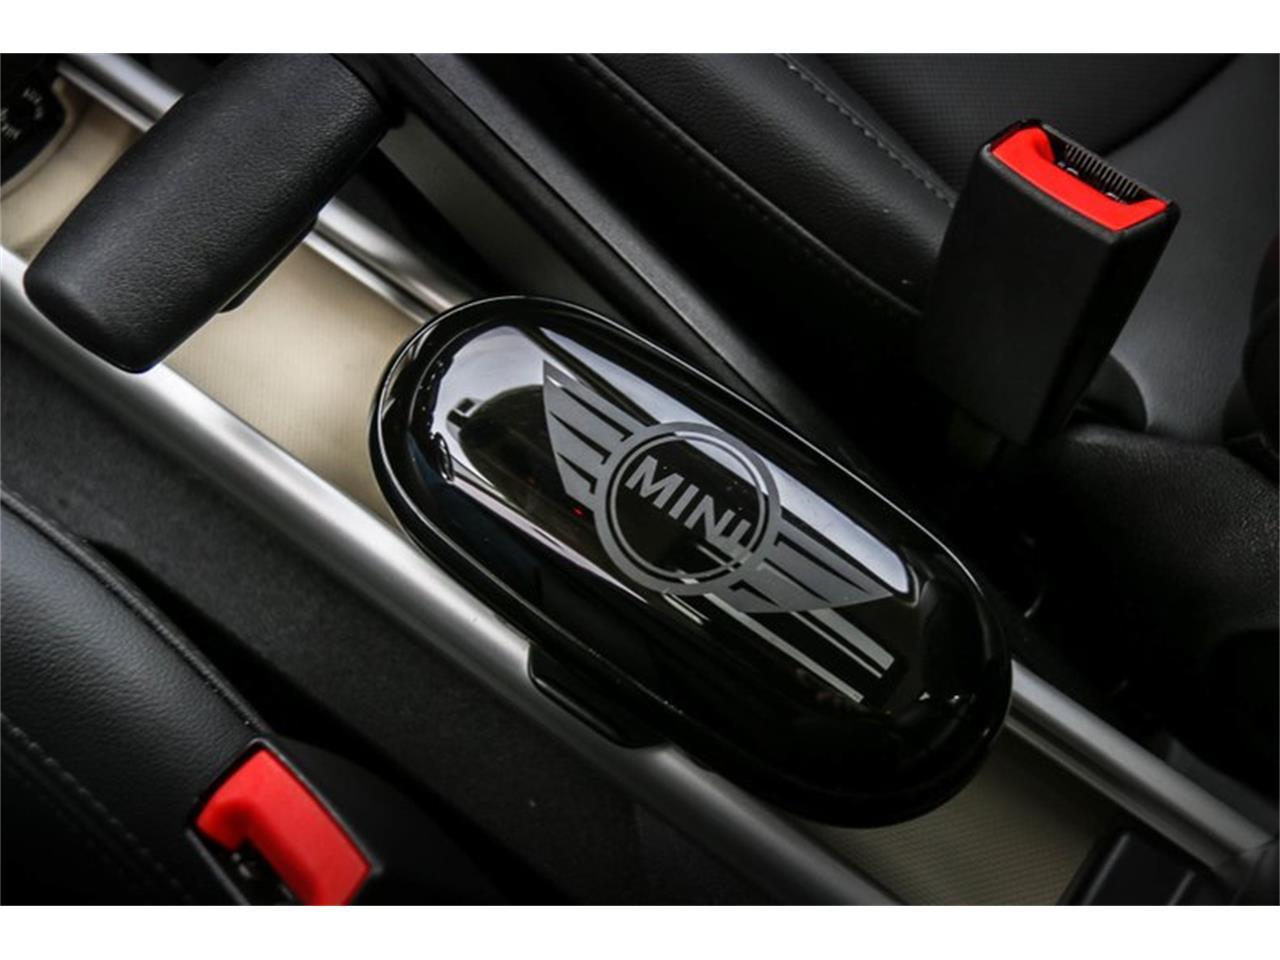 2013 MINI Cooper (CC-1251269) for sale in Island Lake, Illinois